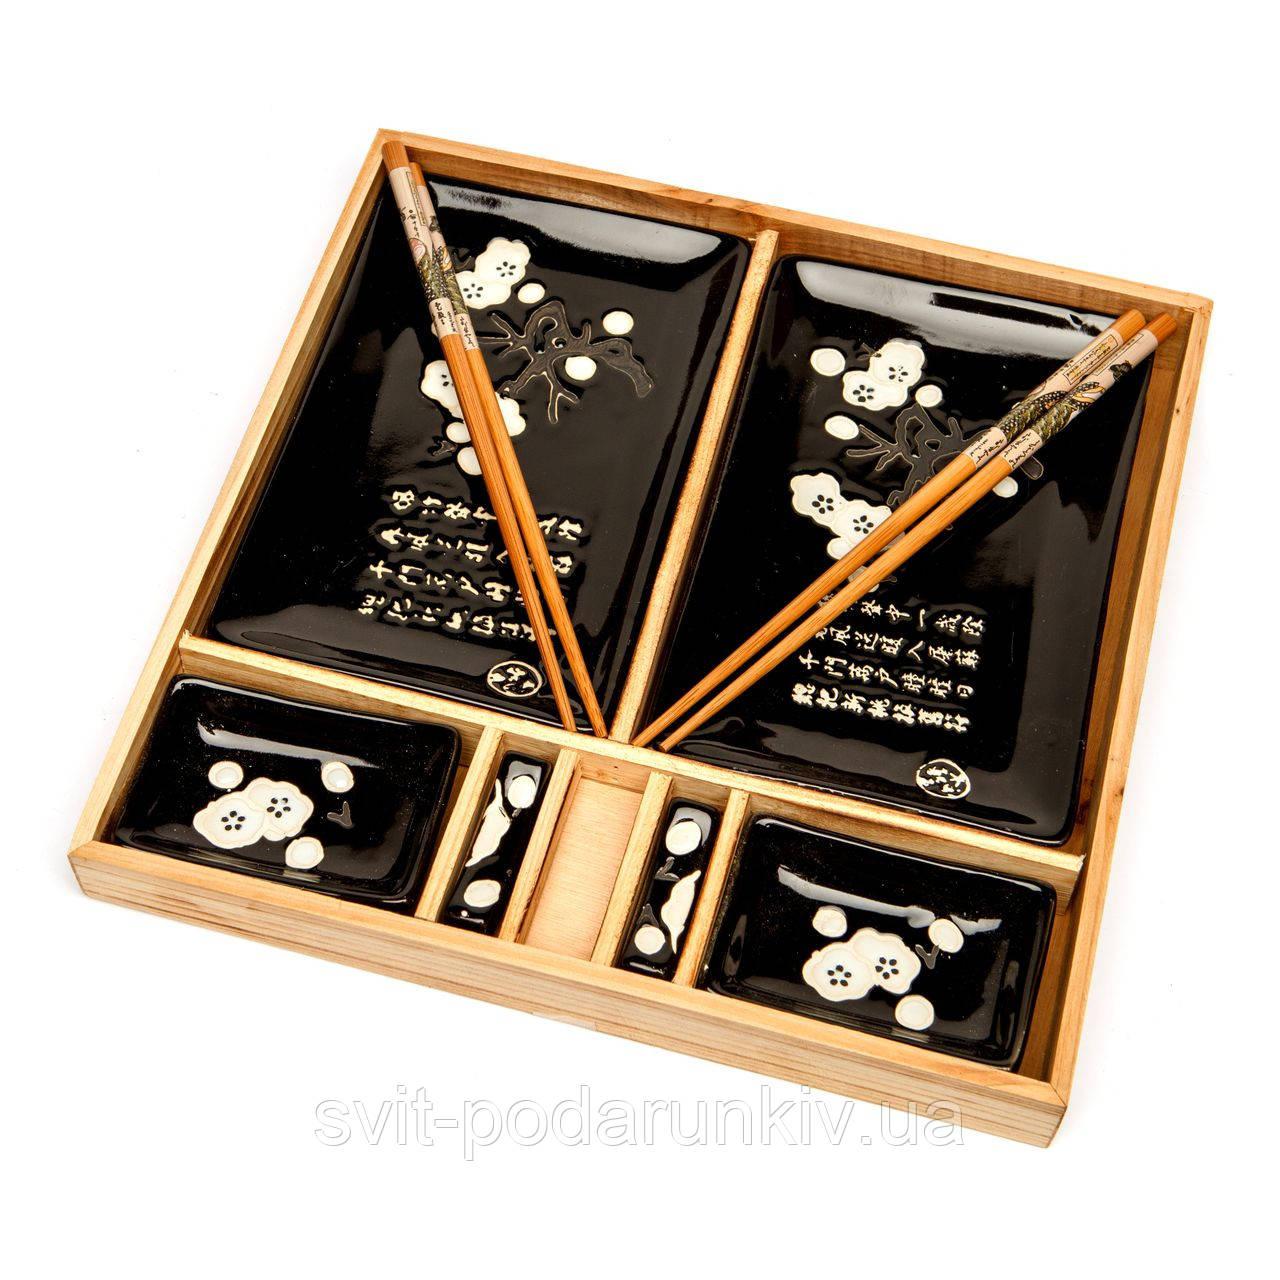 Японская посуда для суши в деревянной коробке S150-3